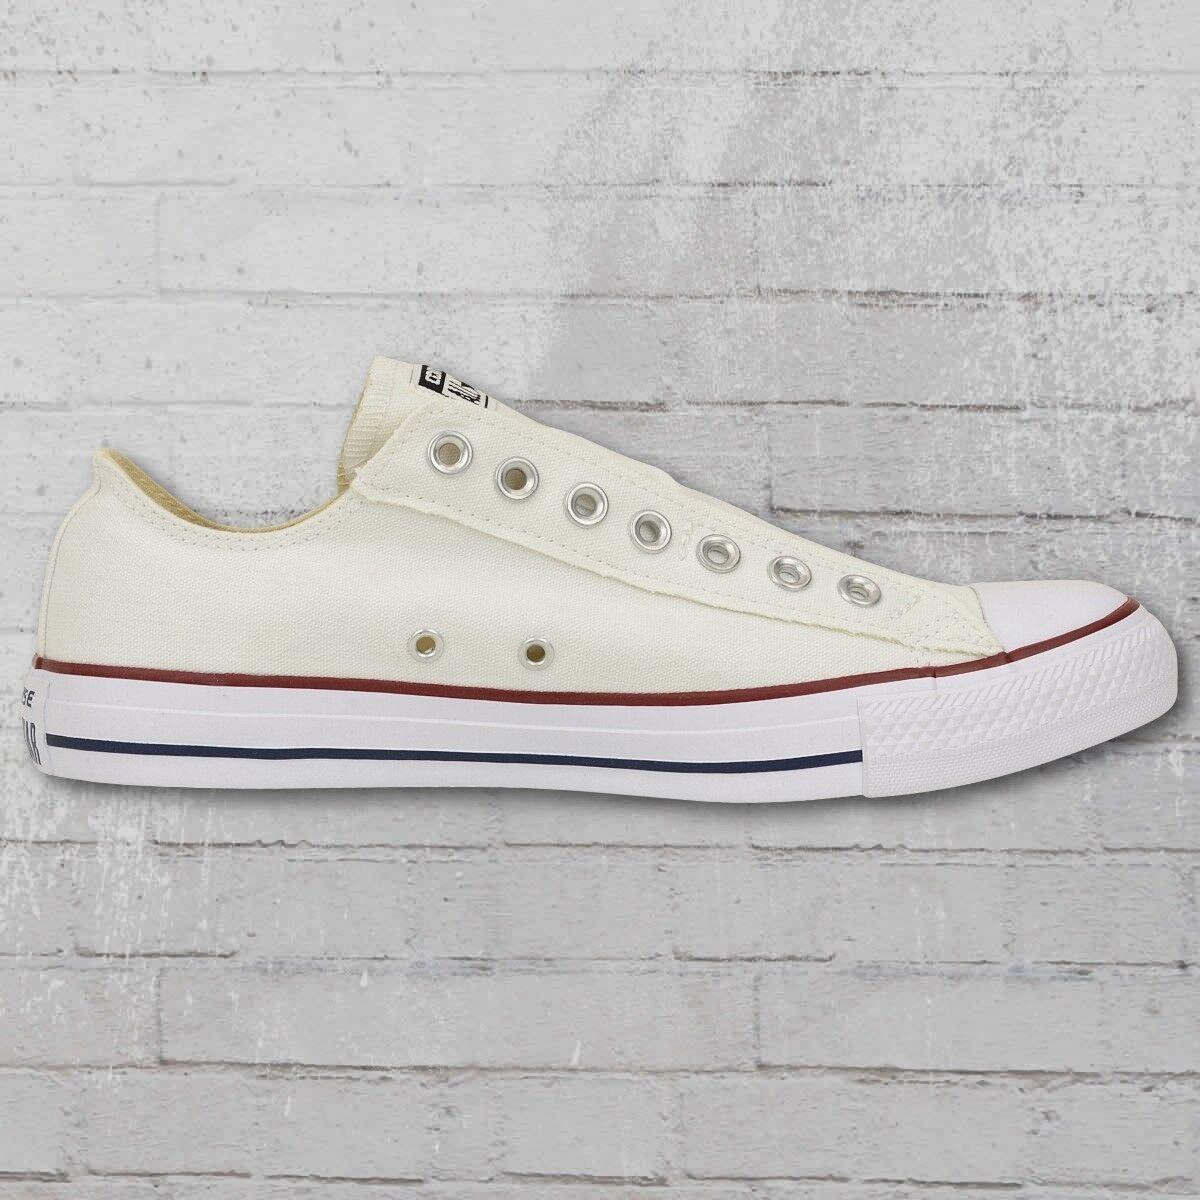 Converse Chuck CT AS Pantoufles Slip 1v018 Pantoufles AS Chaussures Crème Blanc Unisexe Femmes Hommes 277697